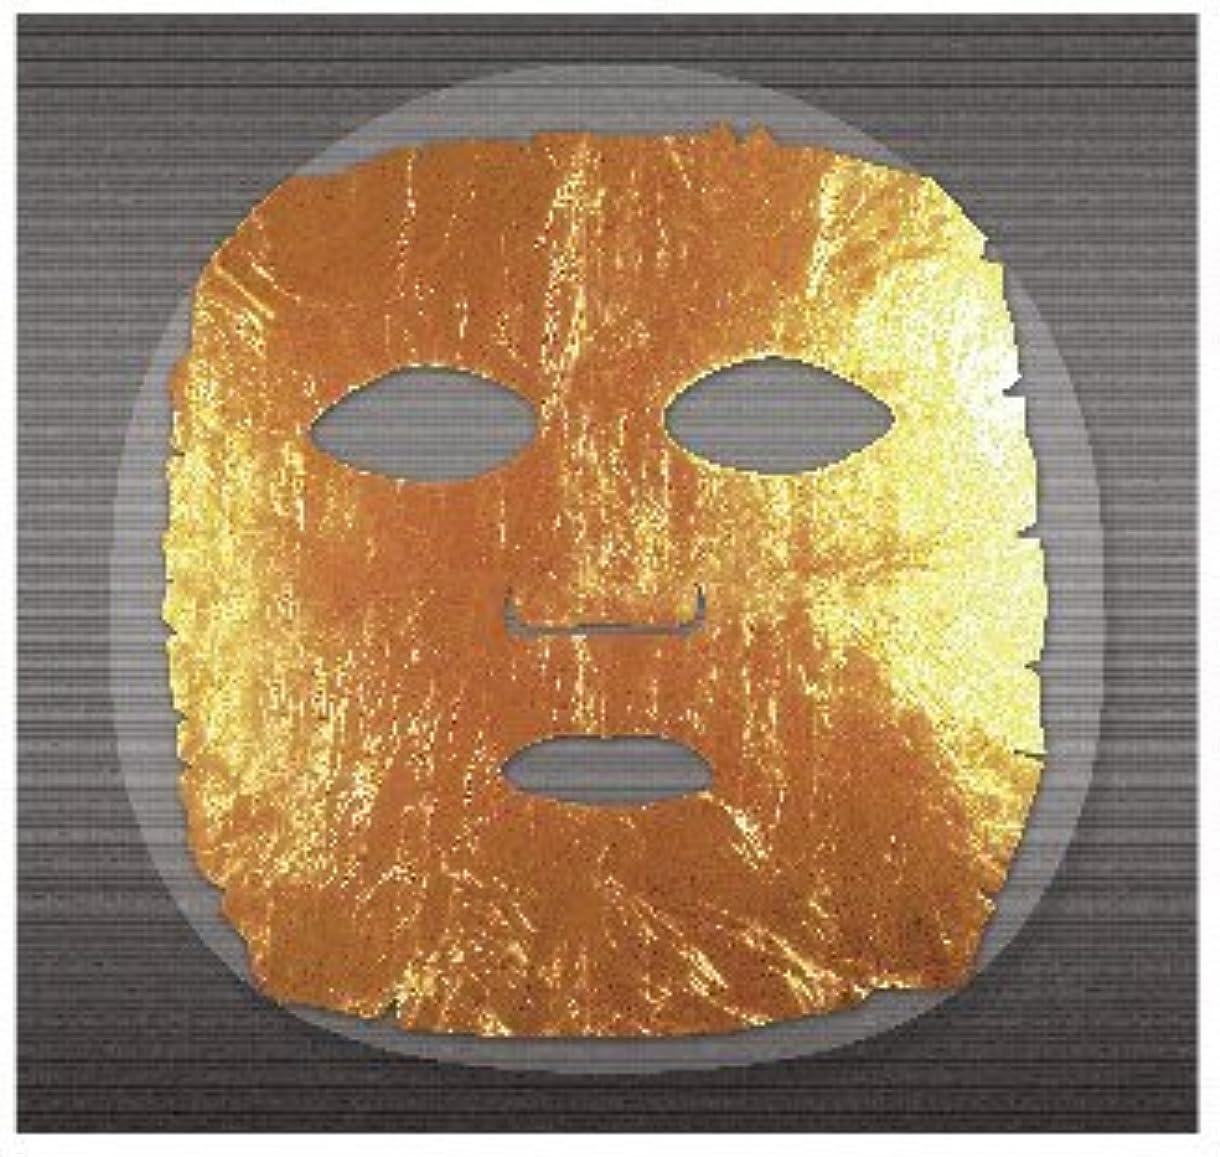 高層ビルカストディアンレバー【金箔 美顔】ネフェルティ2 黄金フェイスシート【日本製】